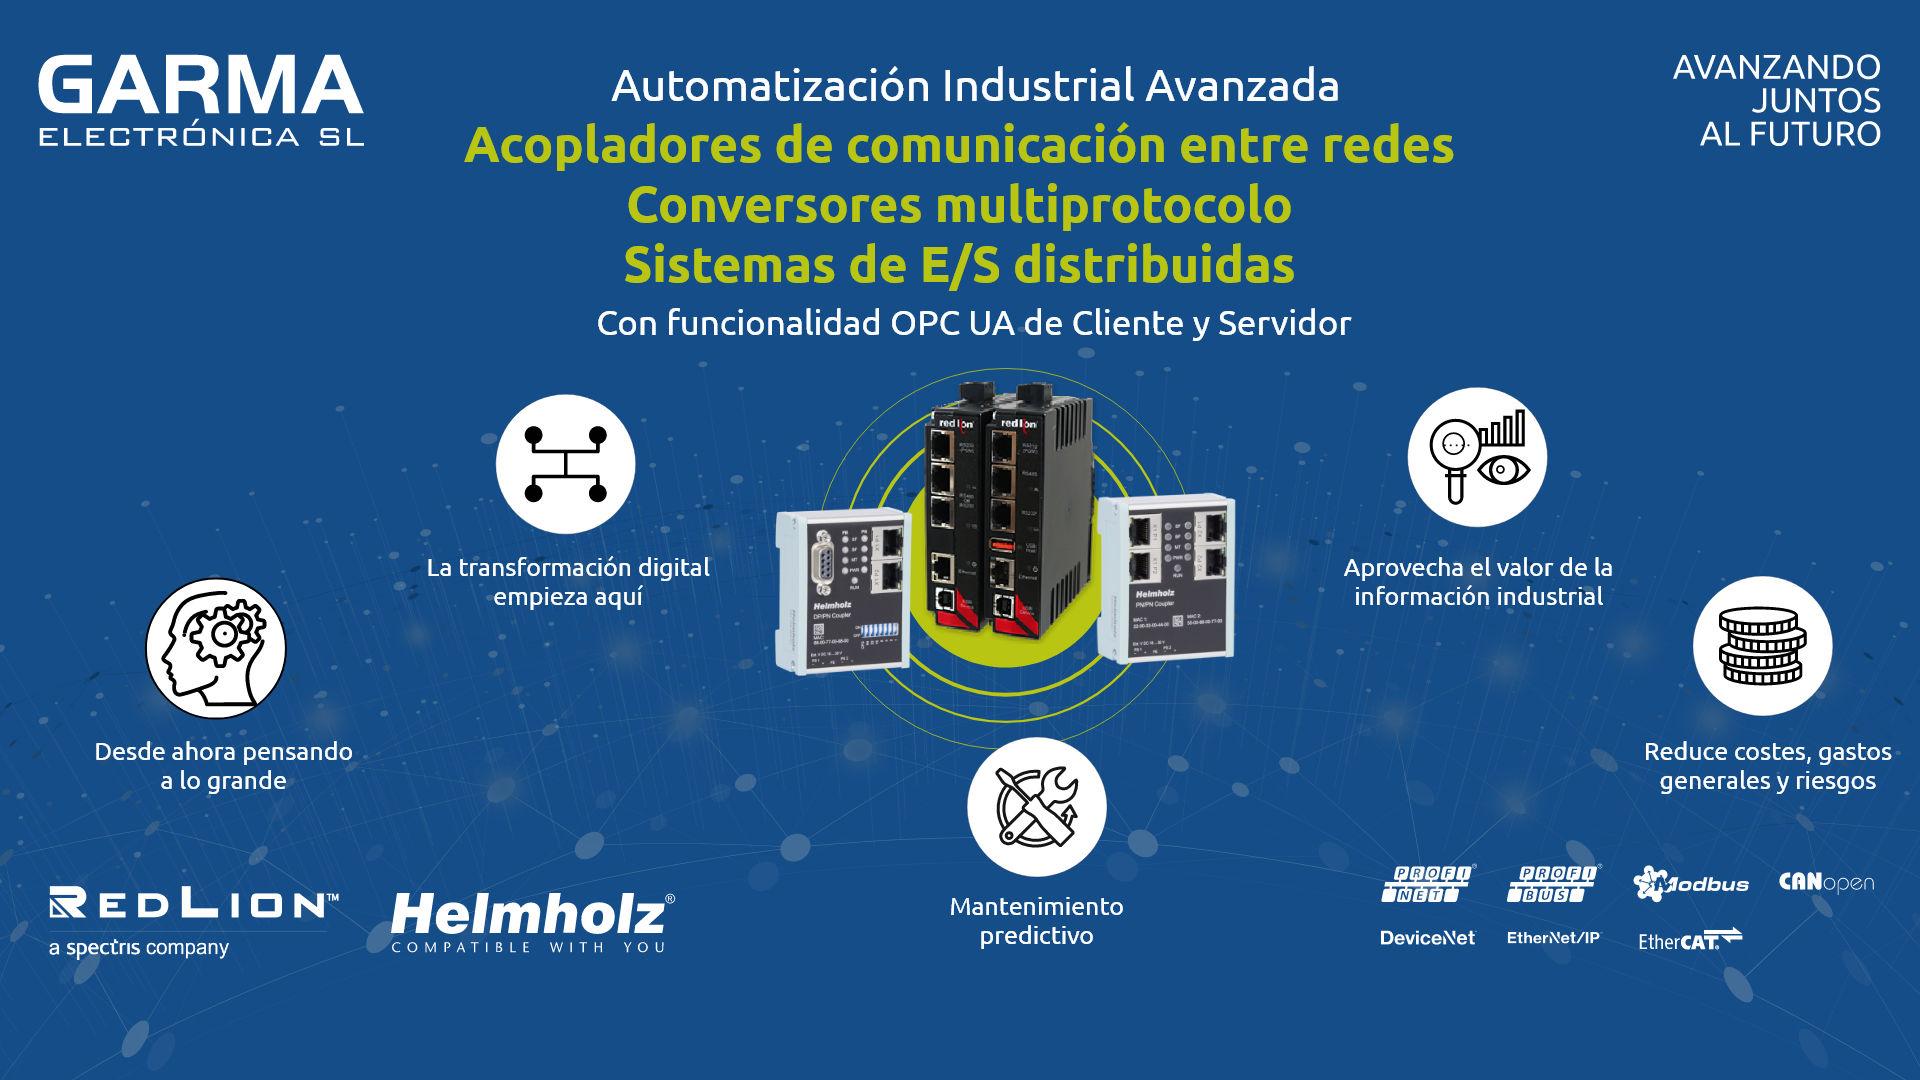 Sistemas de comunicación entre redes HelmHolz, estaciones de conversión de protocolos, sistemas de adquisición de datos Red Lion